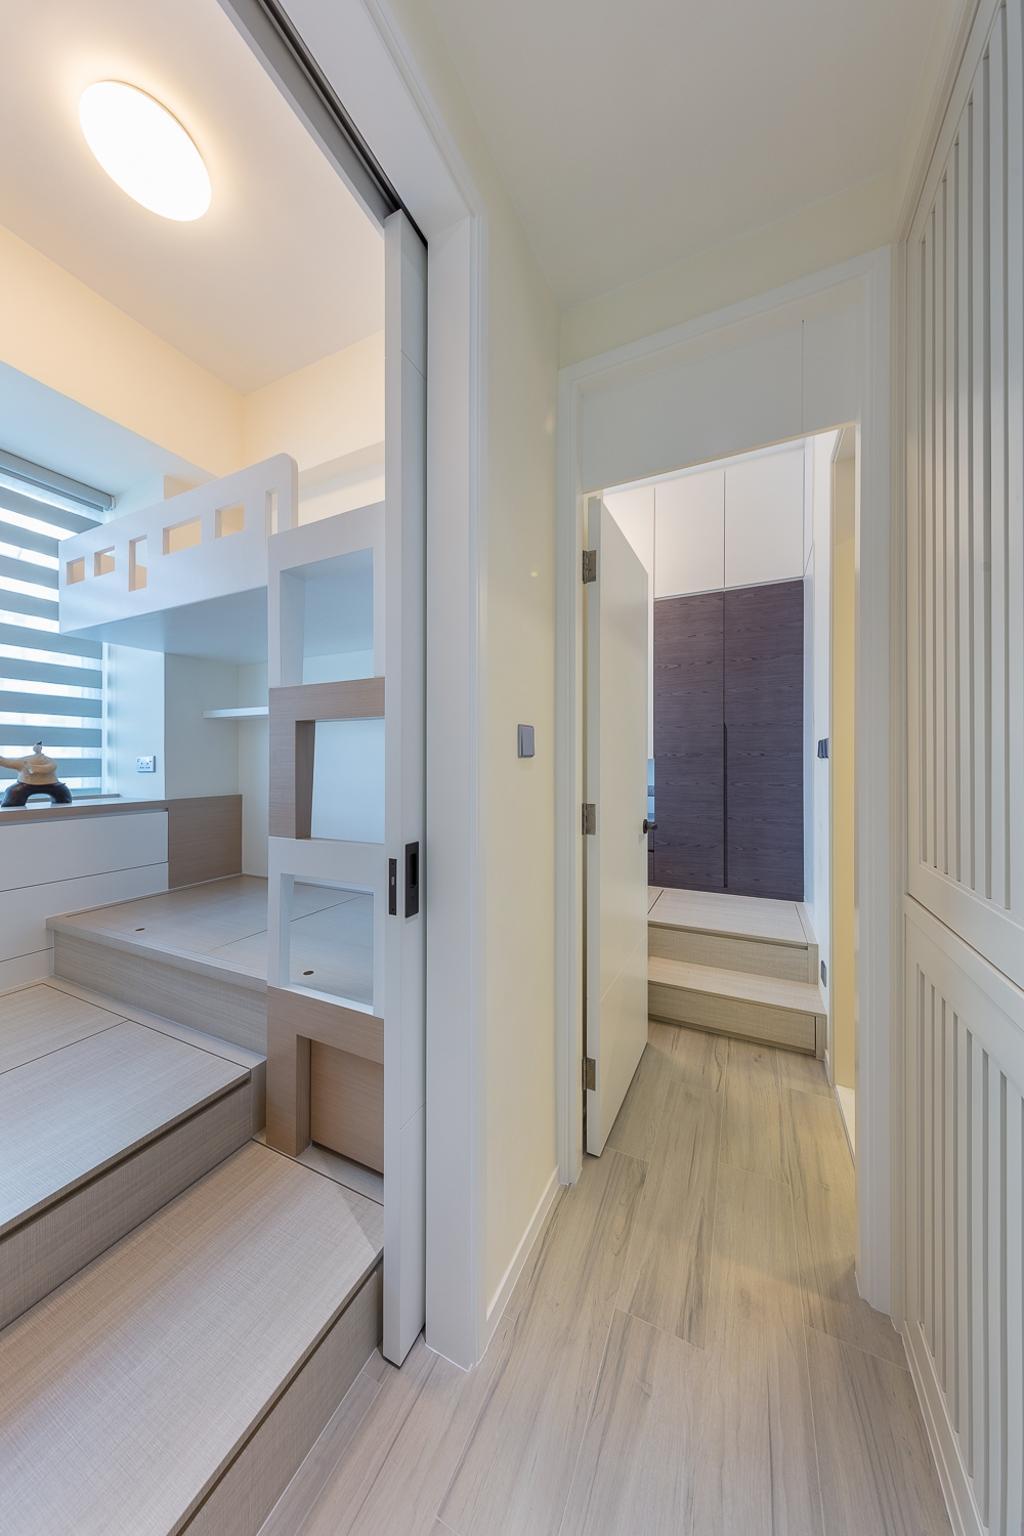 摩登, 私家樓, 睡房, 一號銀海, 室內設計師, 和生設計, Indoors, Interior Design